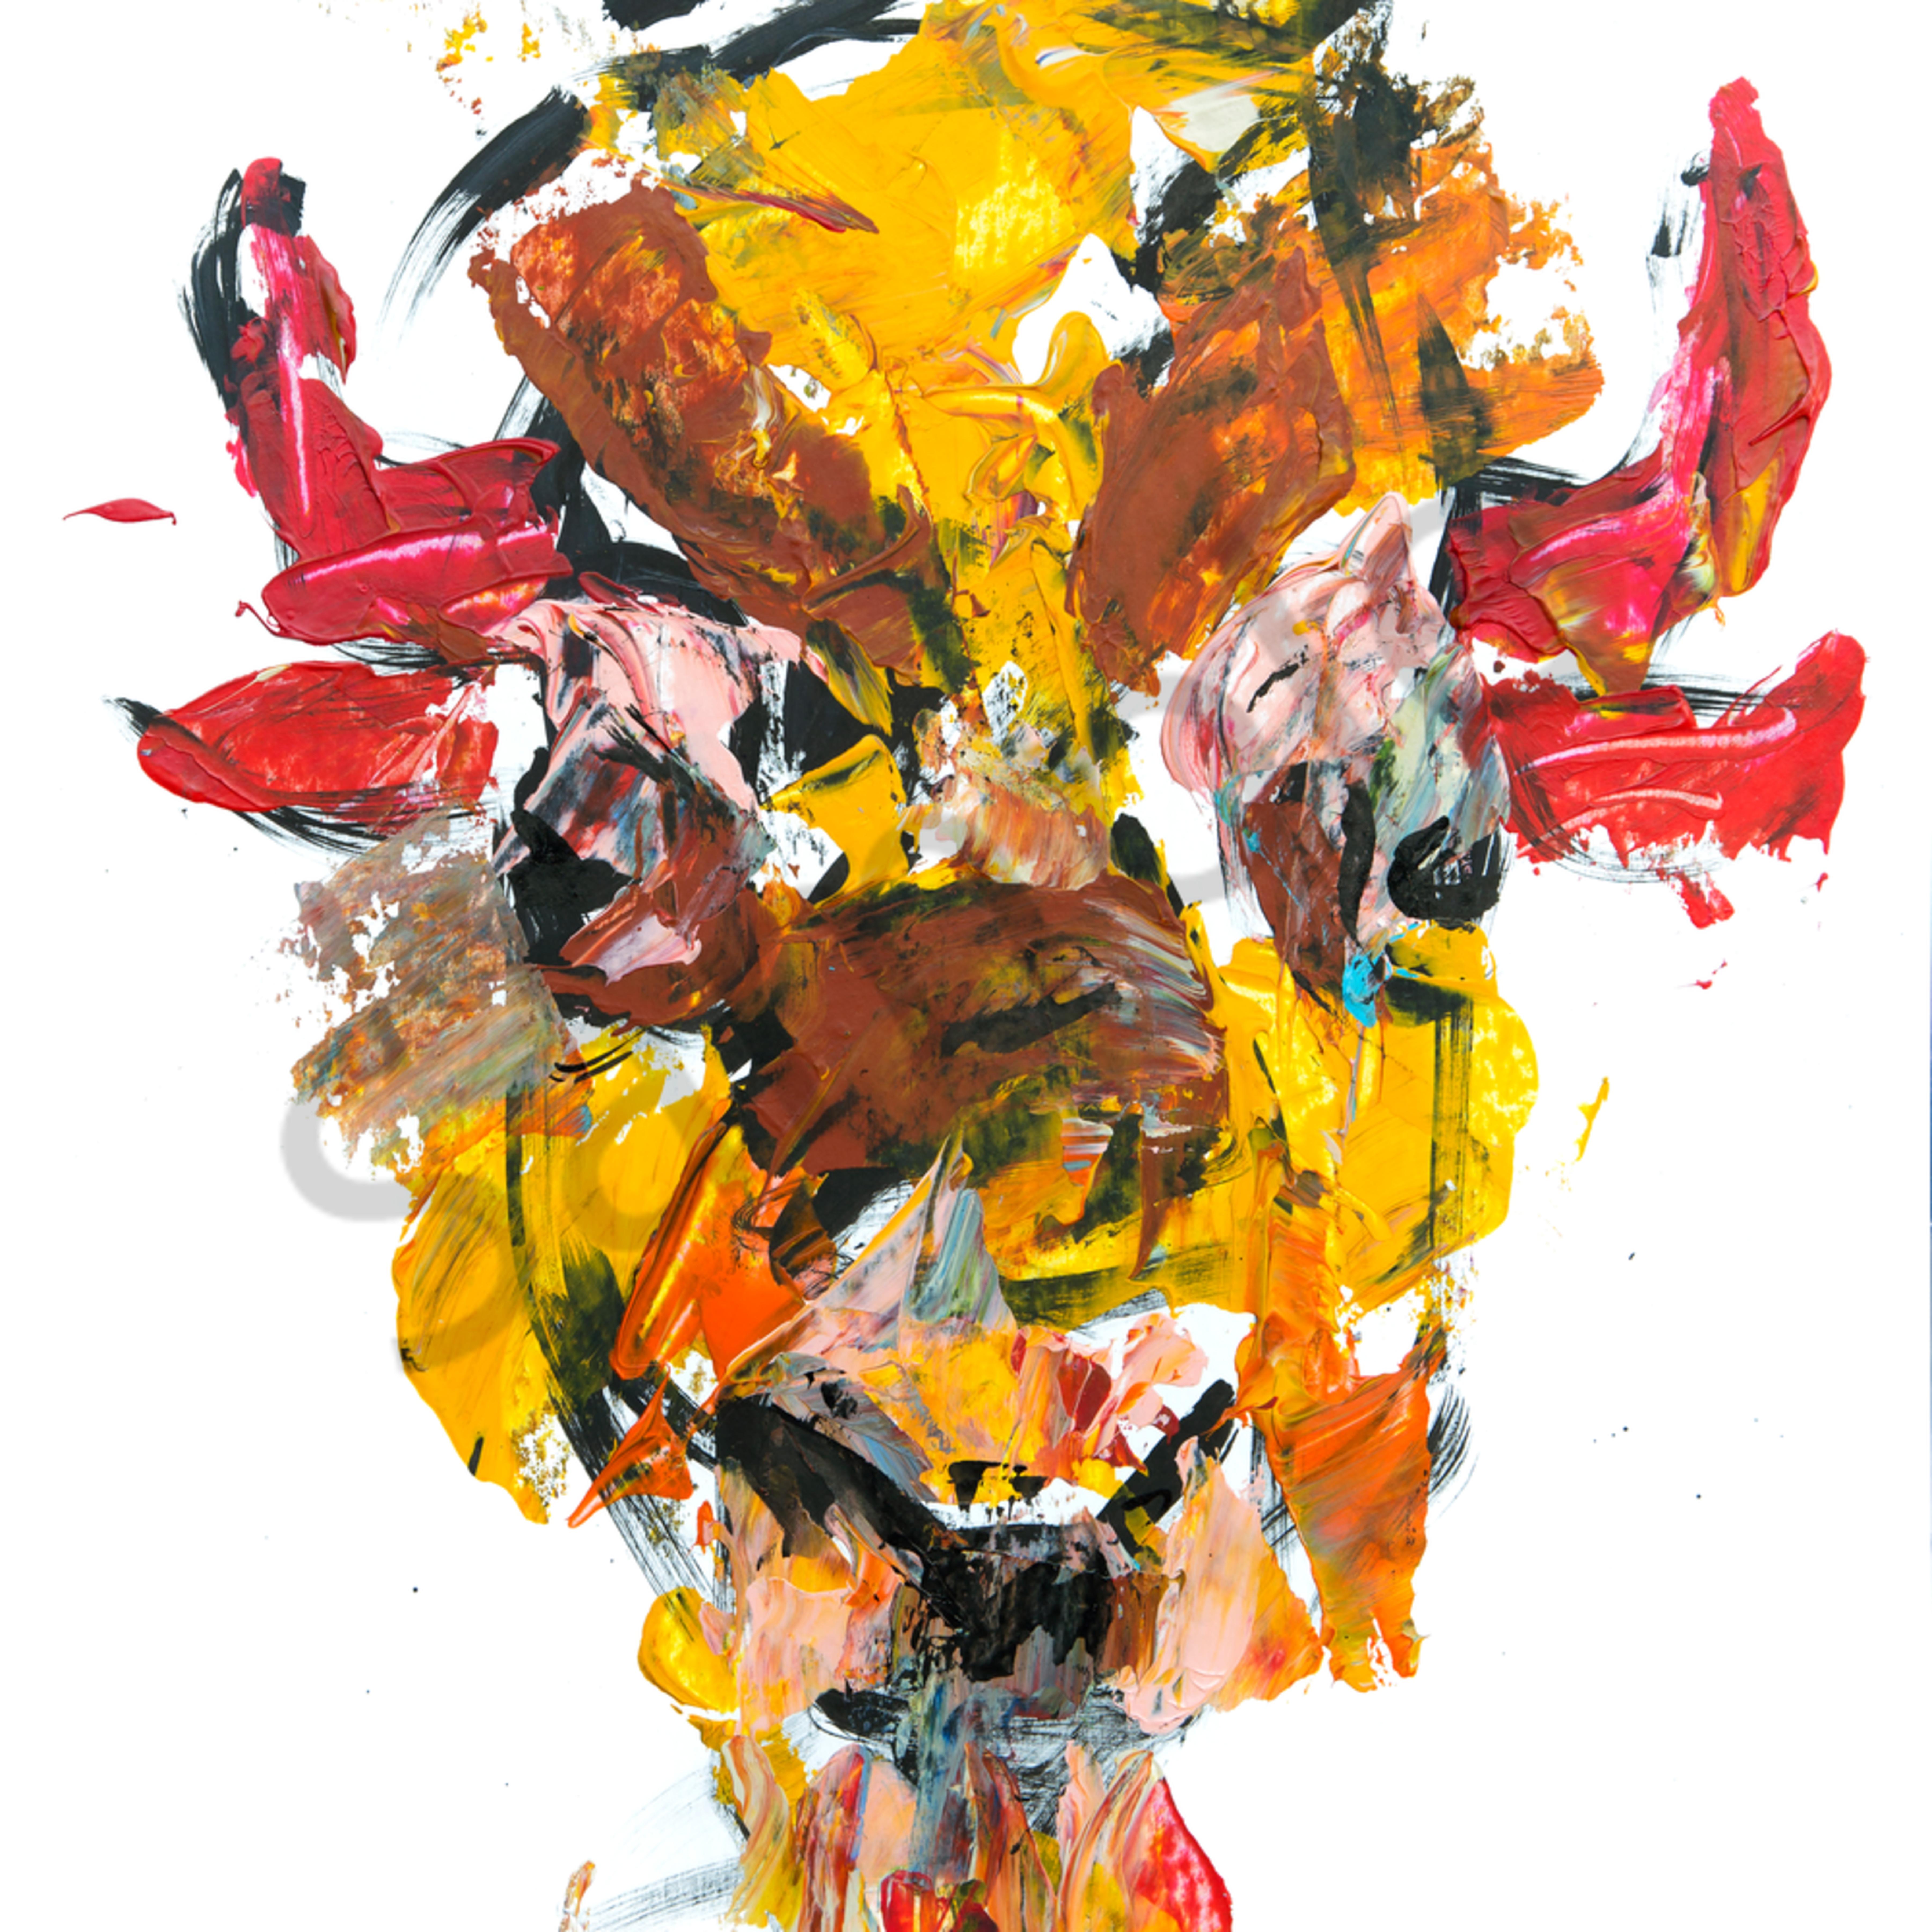 Chipboard bison 05 ksoivb